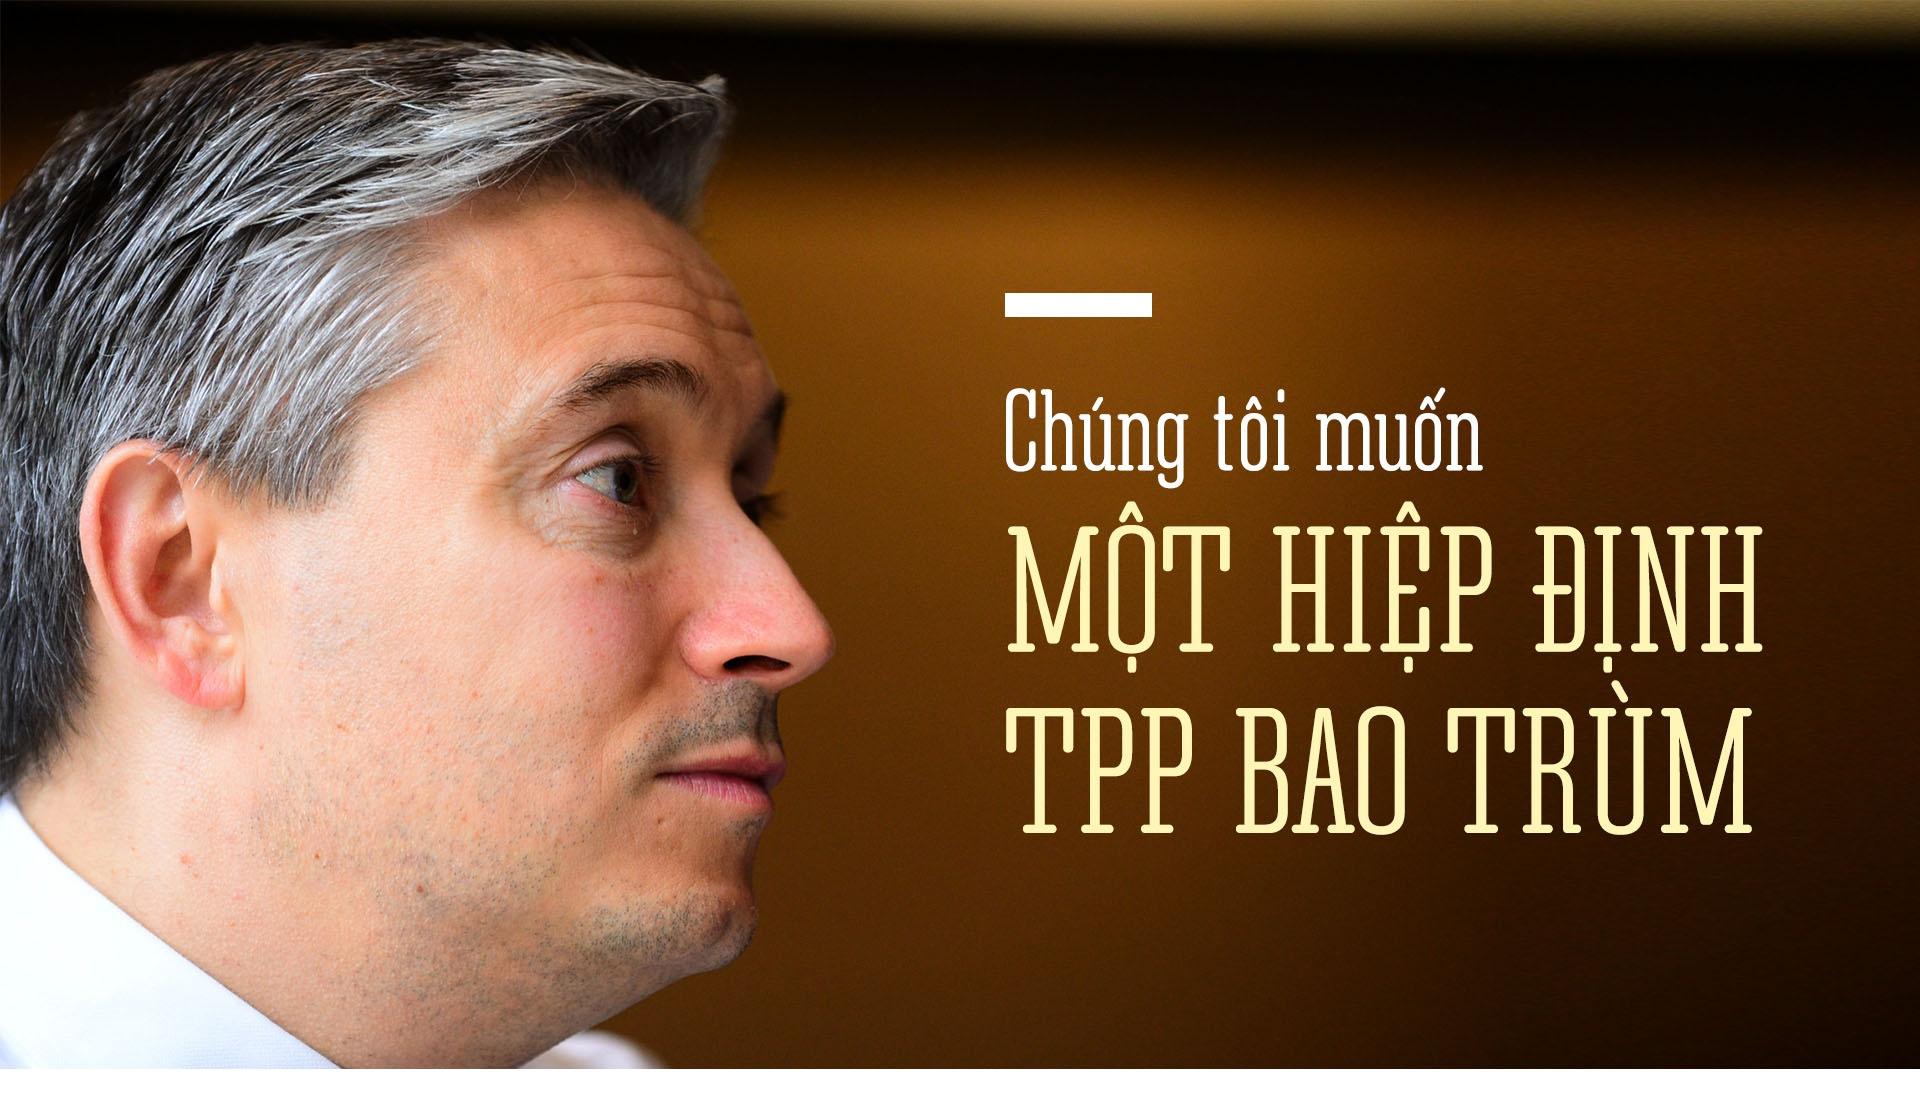 TPP 11 tai Viet Nam anh 2